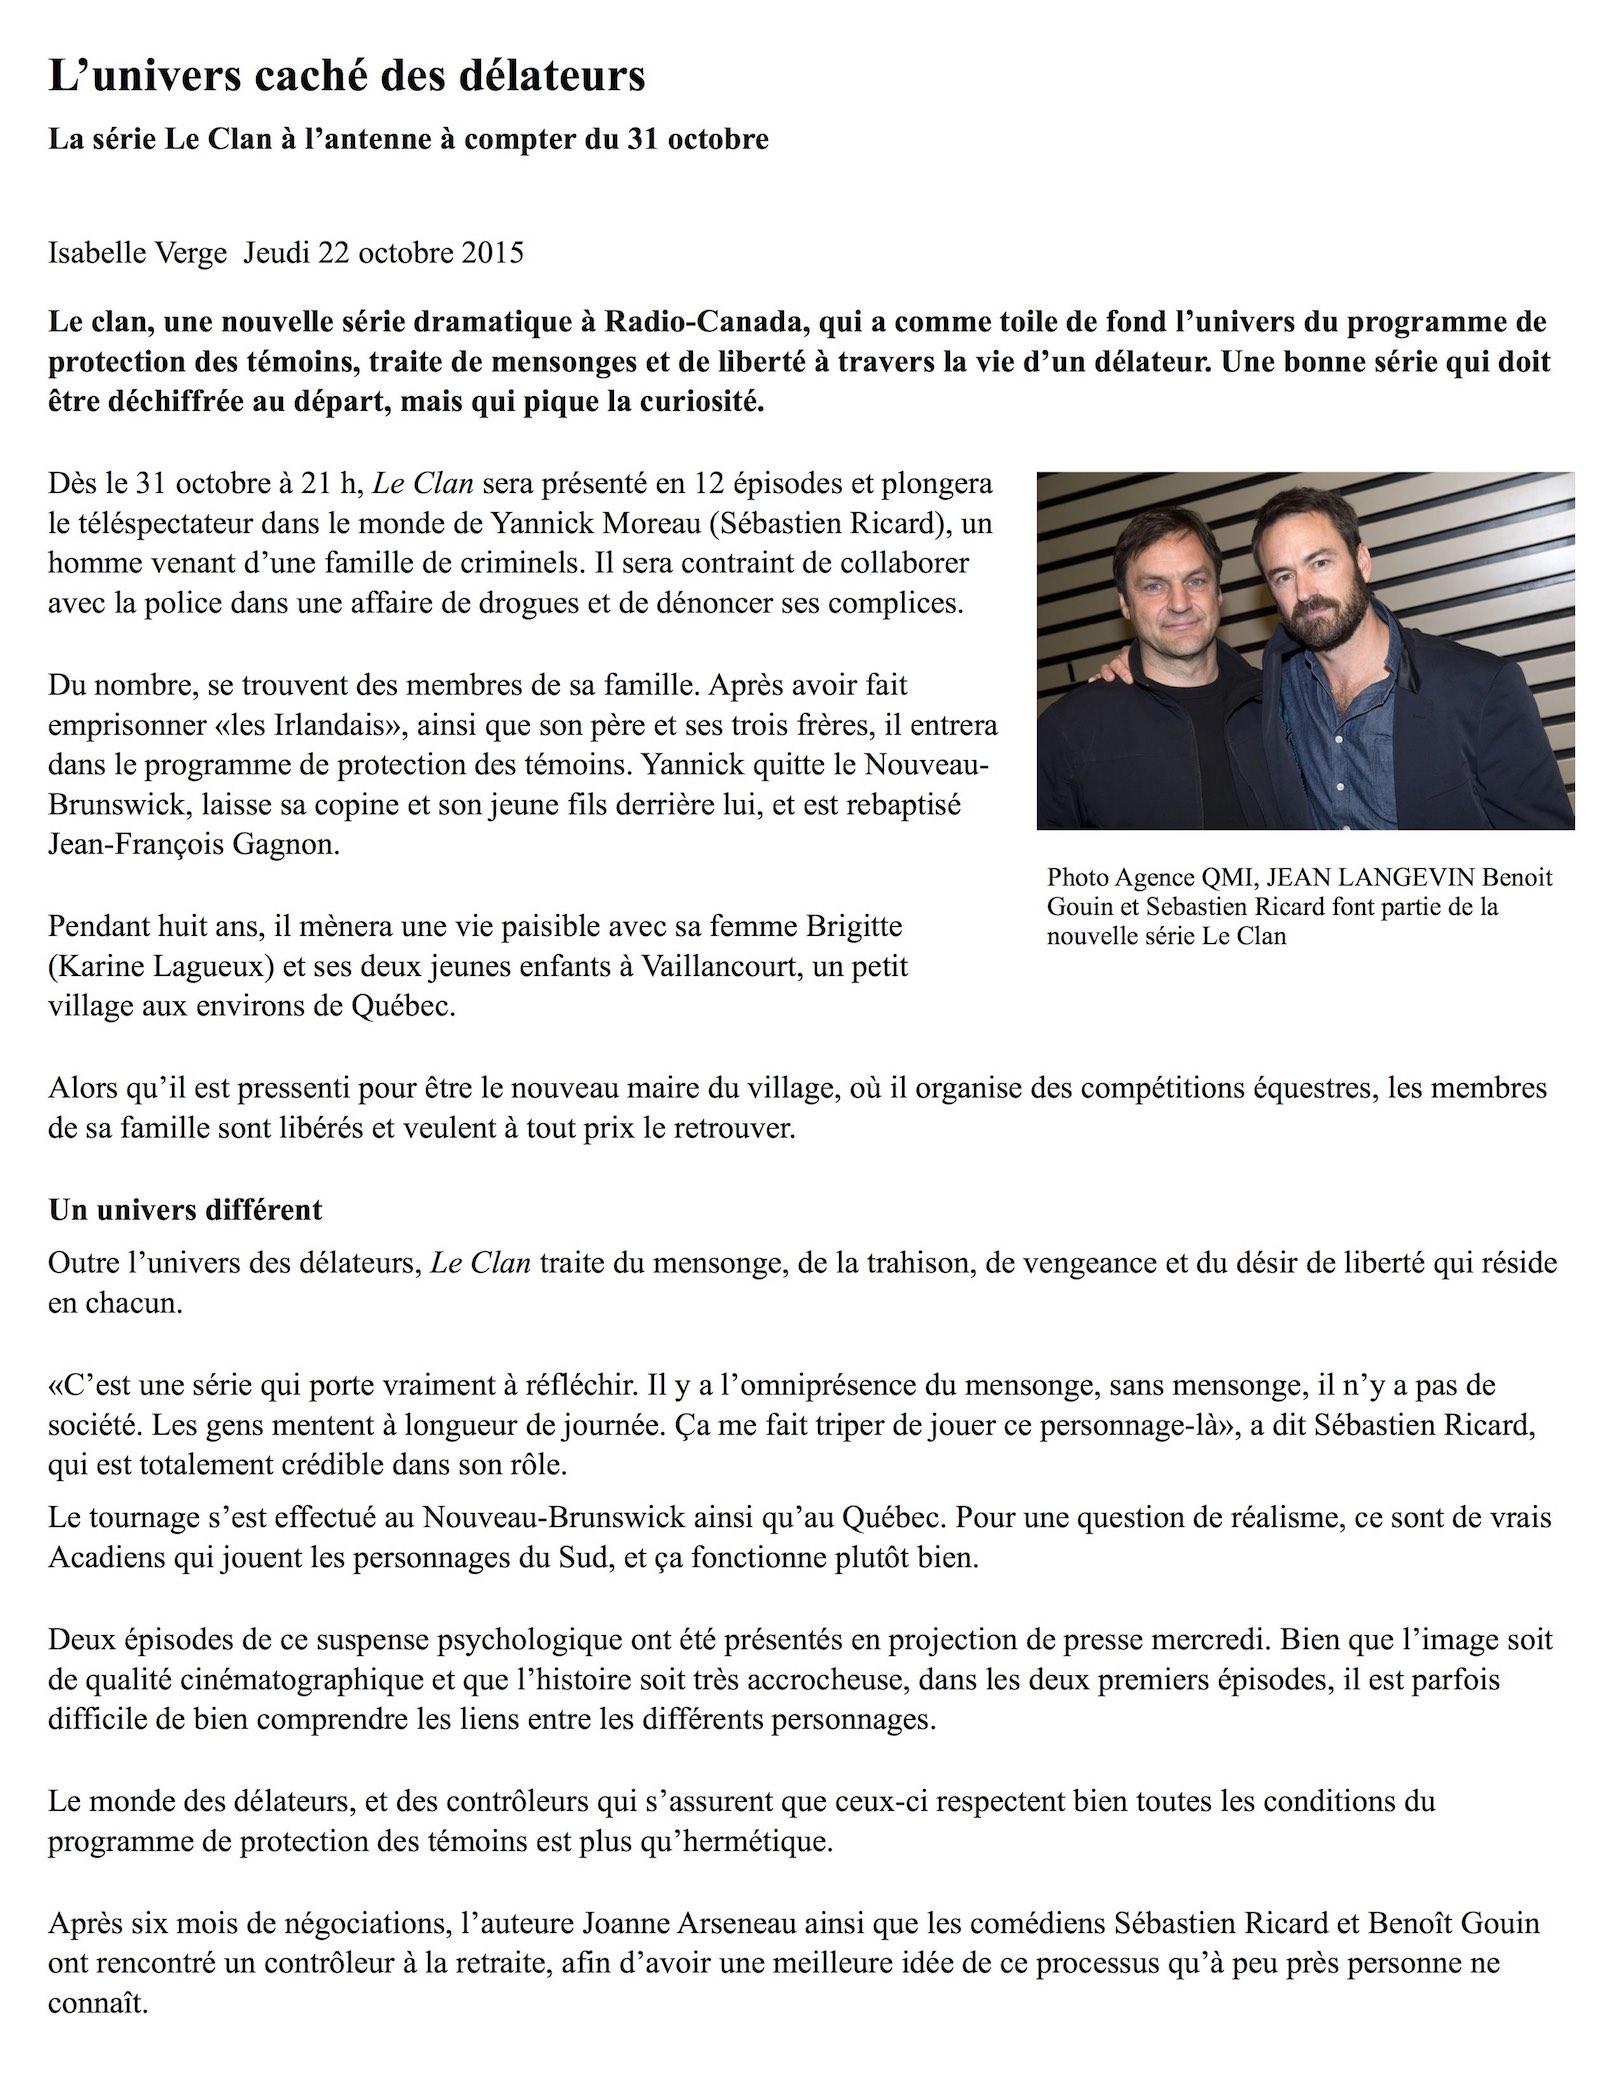 Le Journal de Montreal - L'univers caché des délateurs 2015-10-22